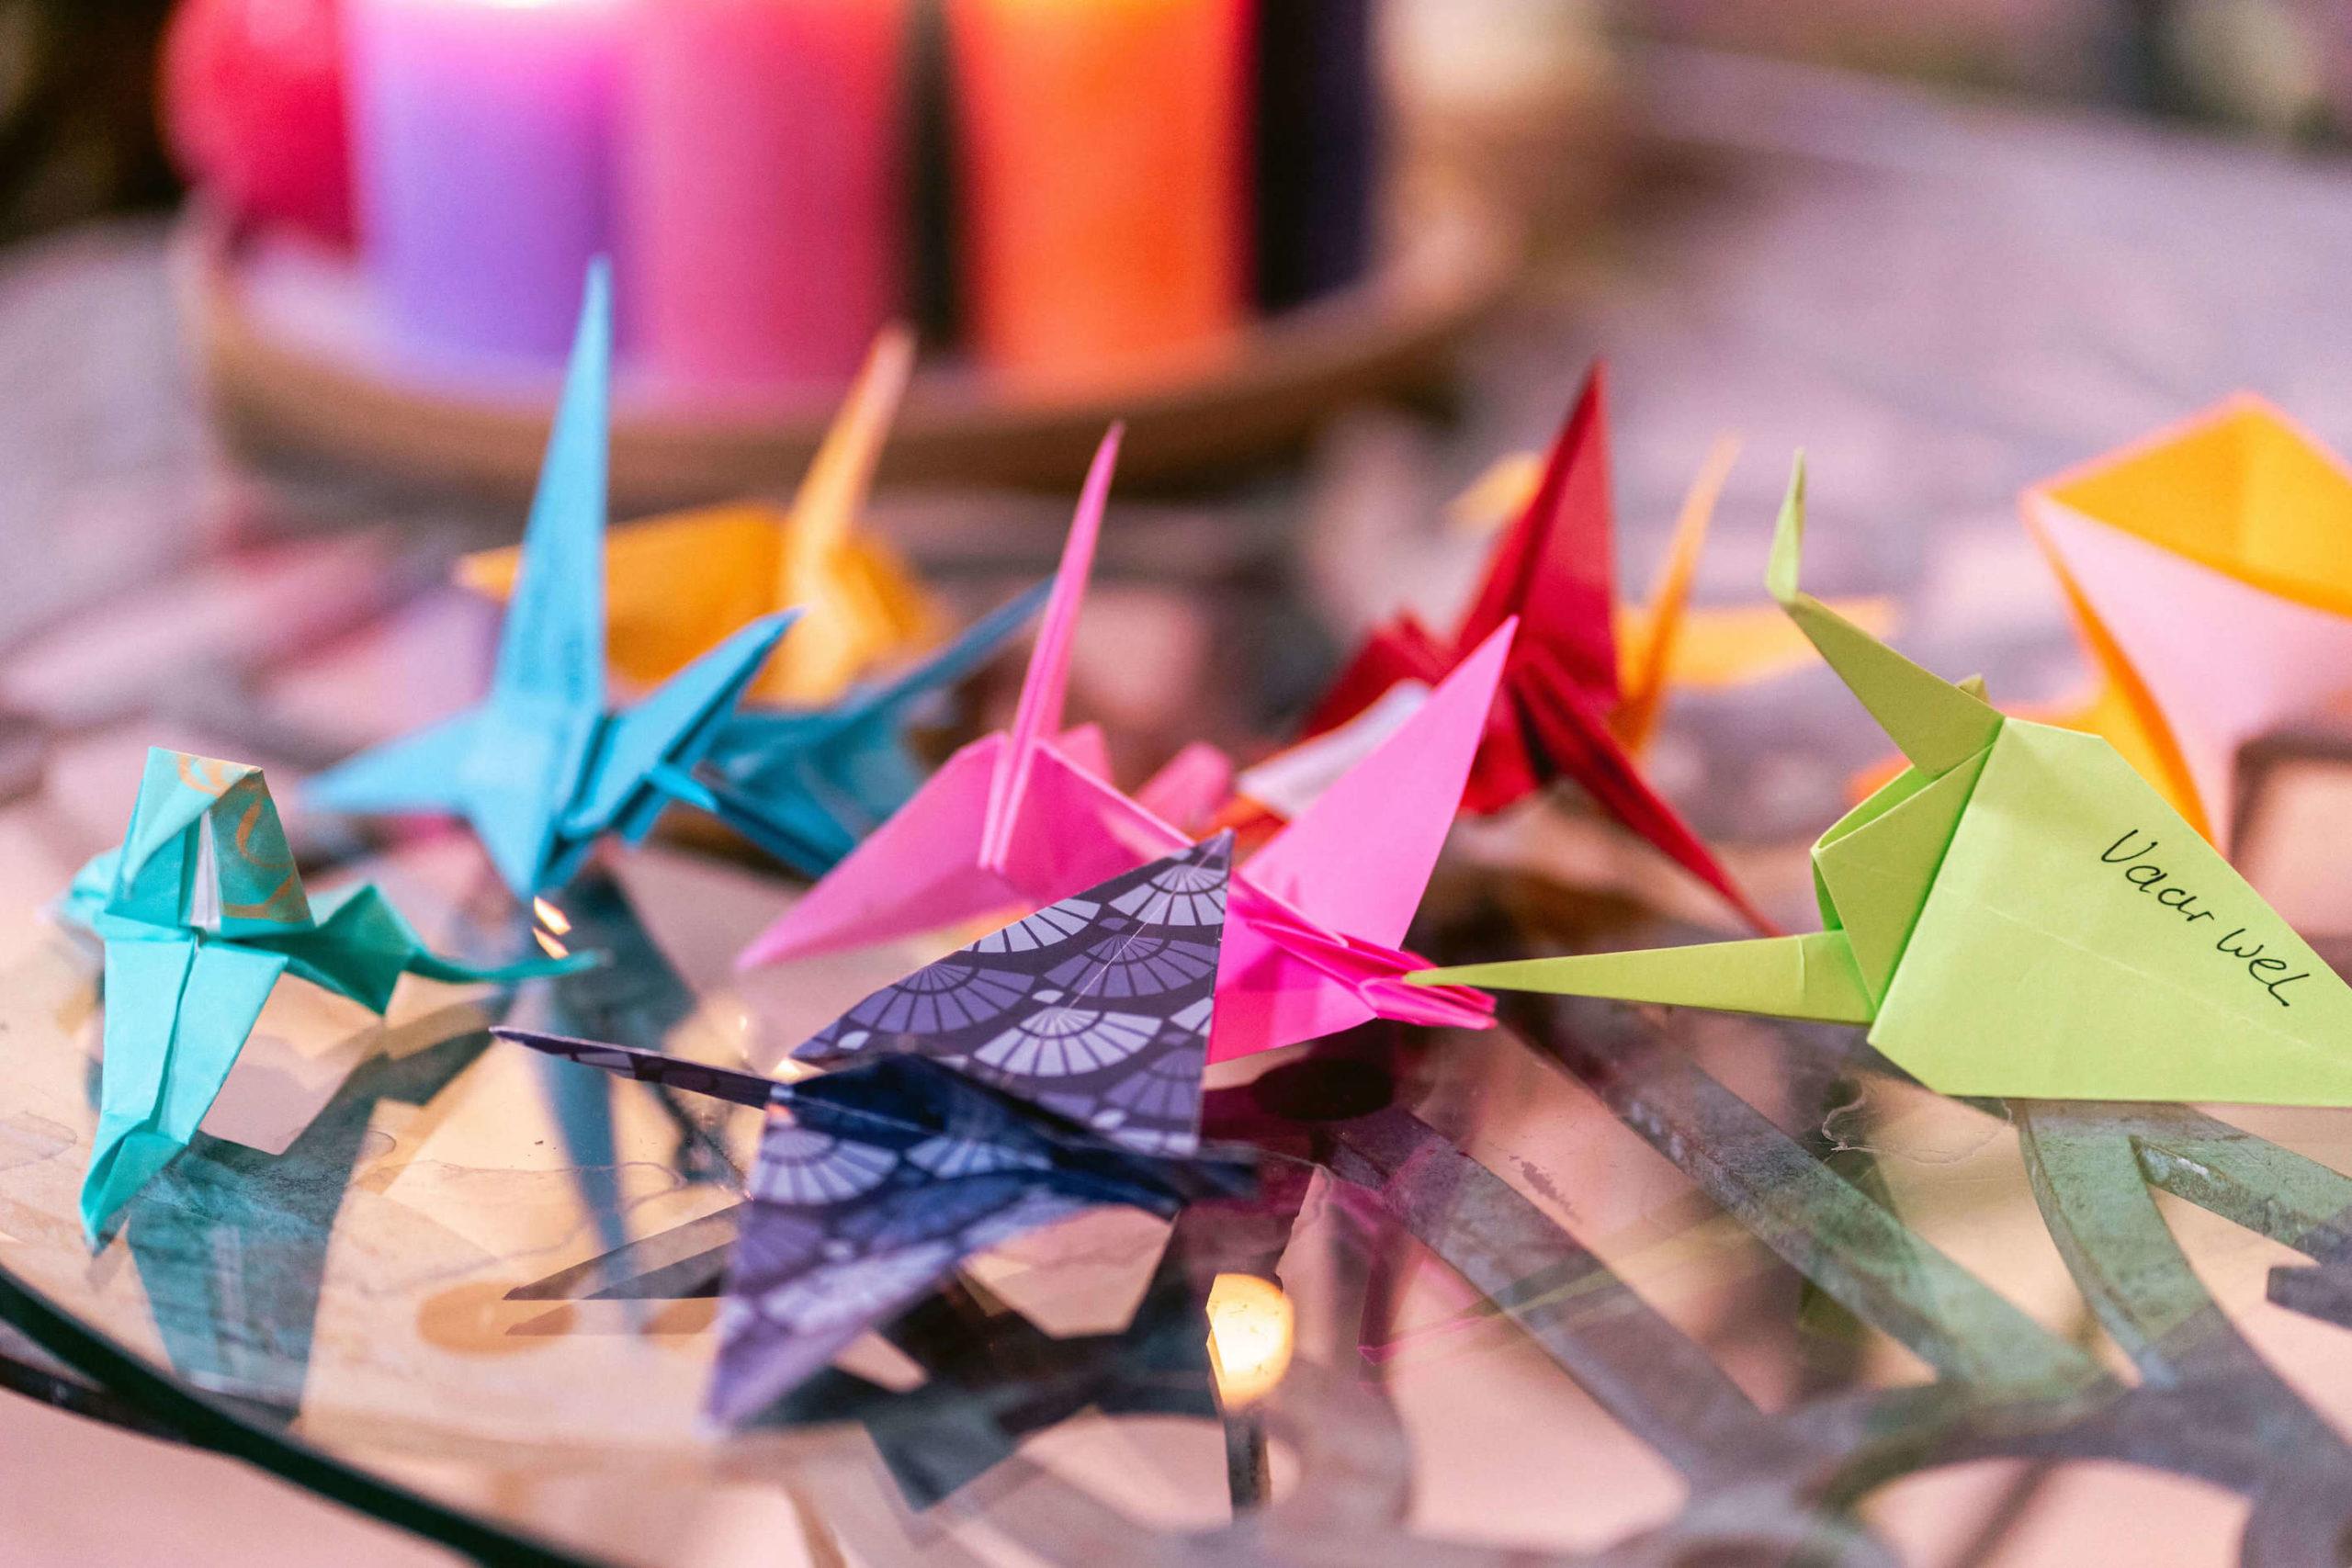 vaarwel-kraanvogel-kleur-kaarsen